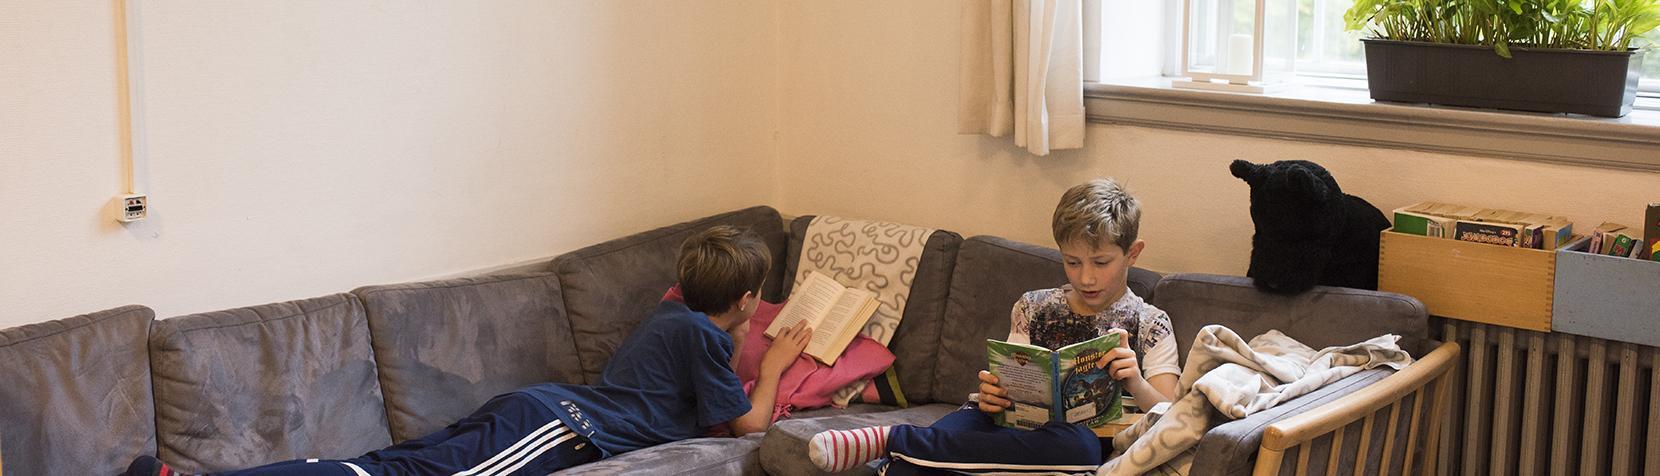 Skoledrenge læser i sofa